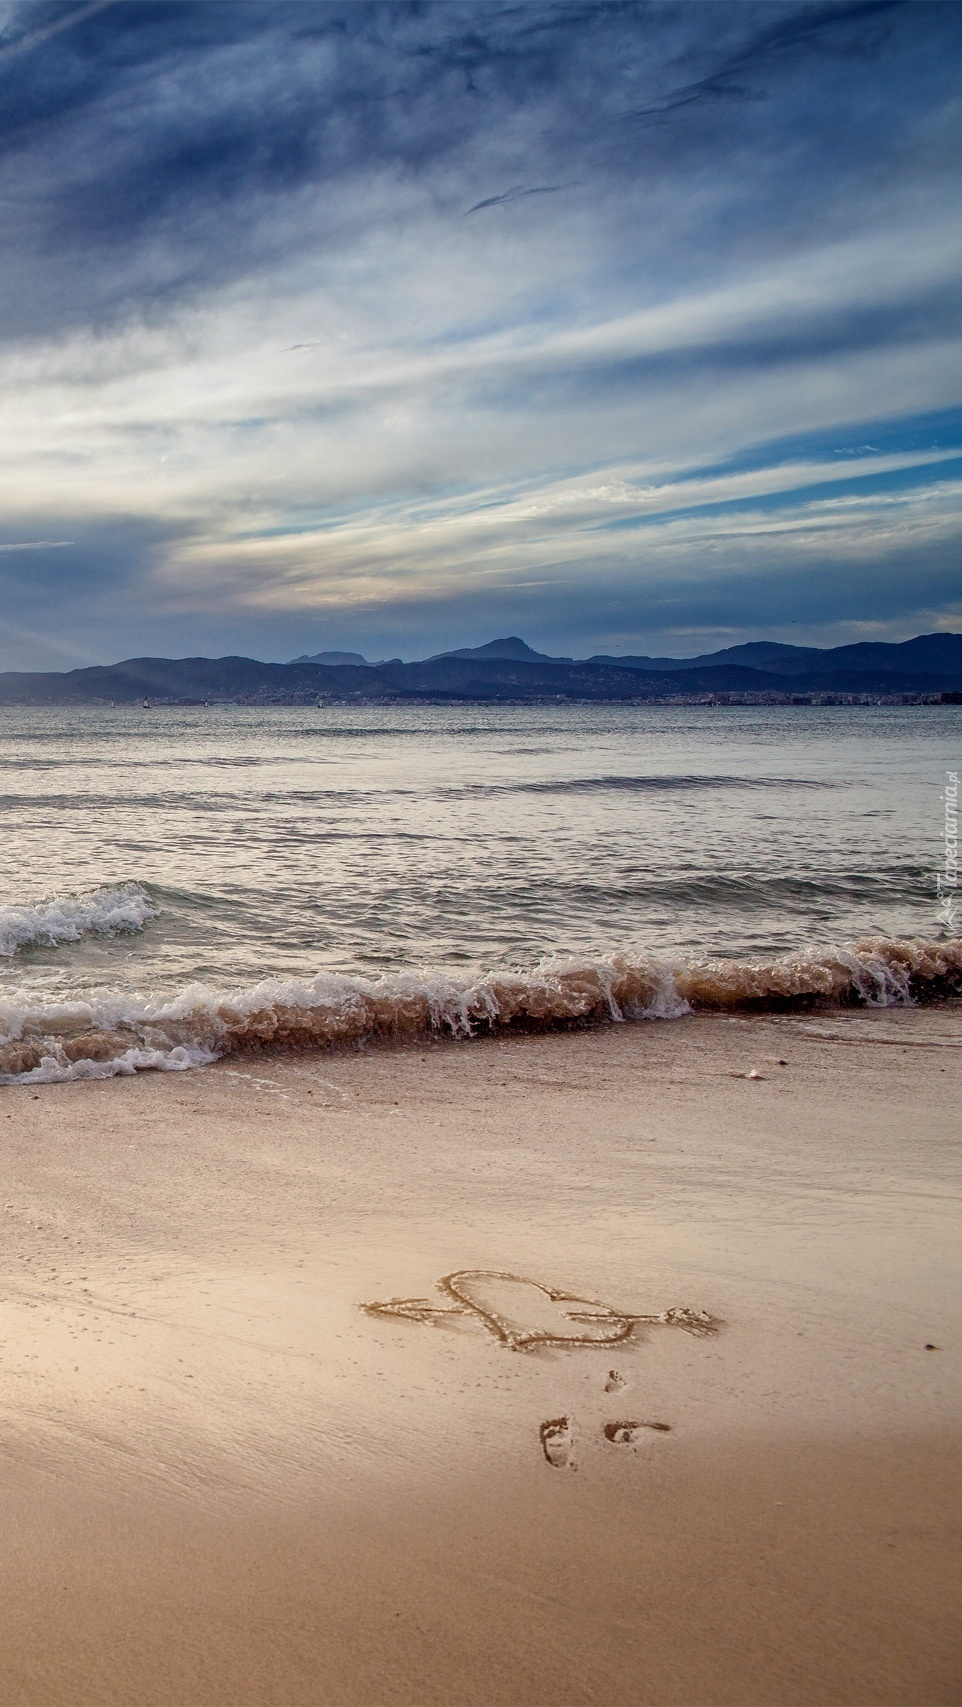 Serce narysowane na nadmorskim piasku